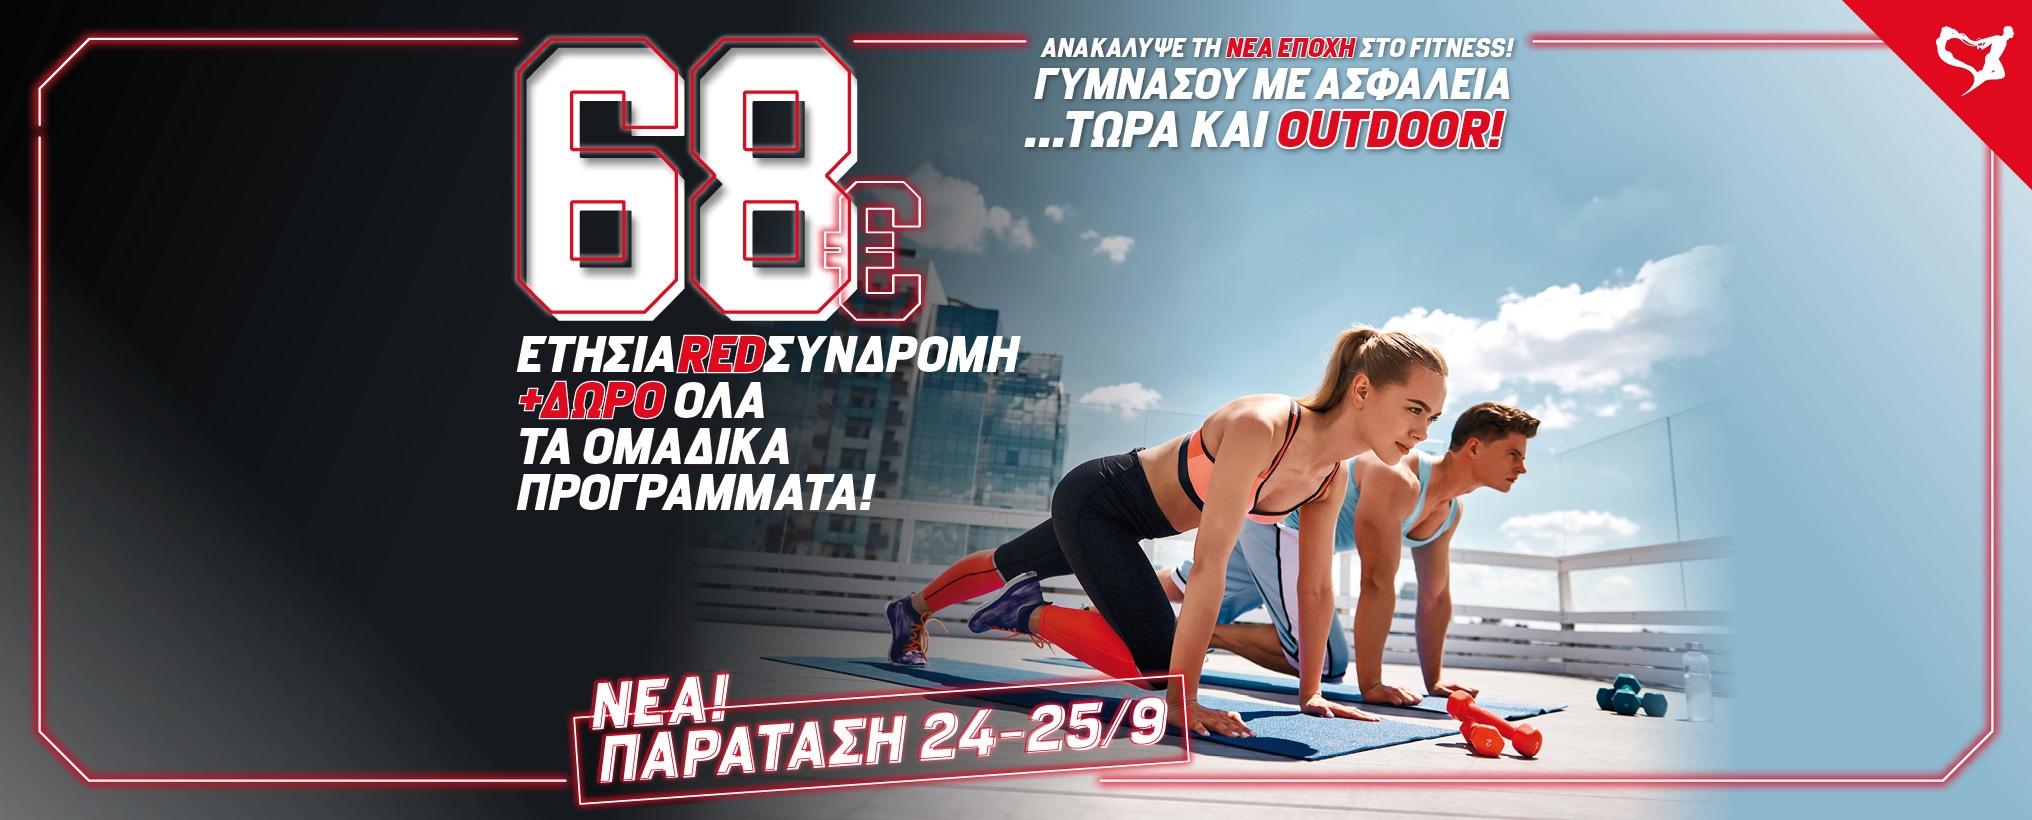 ΕΤΗΣΙΑ RED + ΟΜΑΔΙΚΑ ΔΩΡΟ ΜΕ 68€